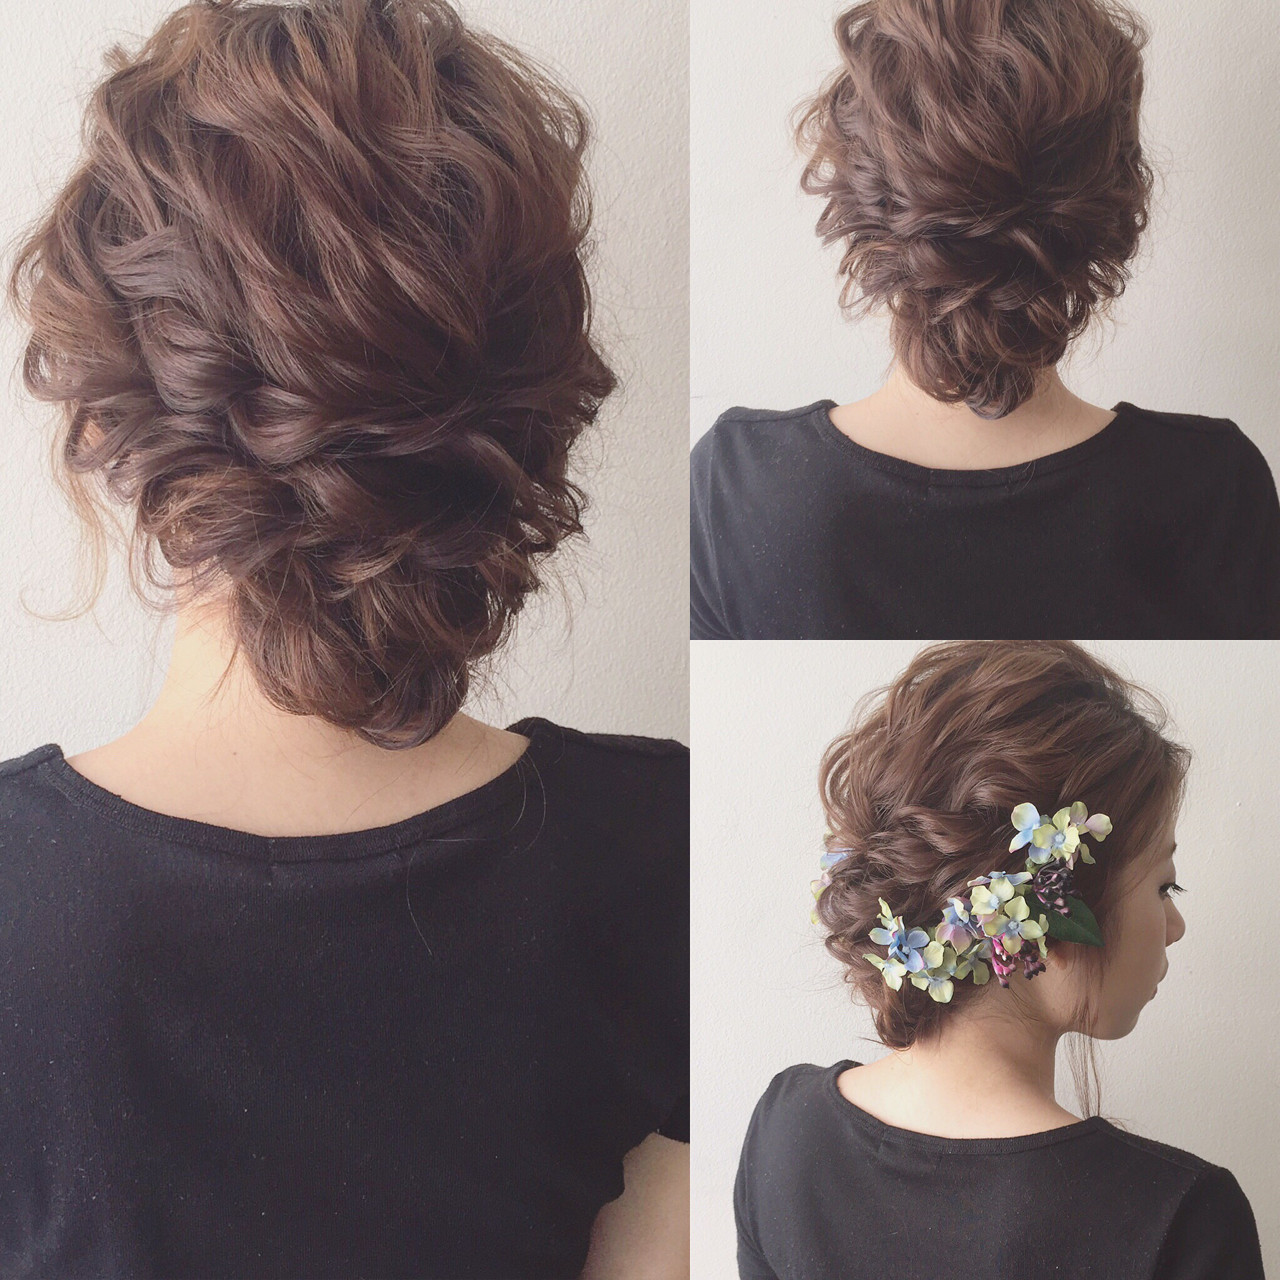 大人かわいい 夏 ミディアム 簡単ヘアアレンジ ヘアスタイルや髪型の写真・画像 | Kaneko Mayumi / BOTTOMS